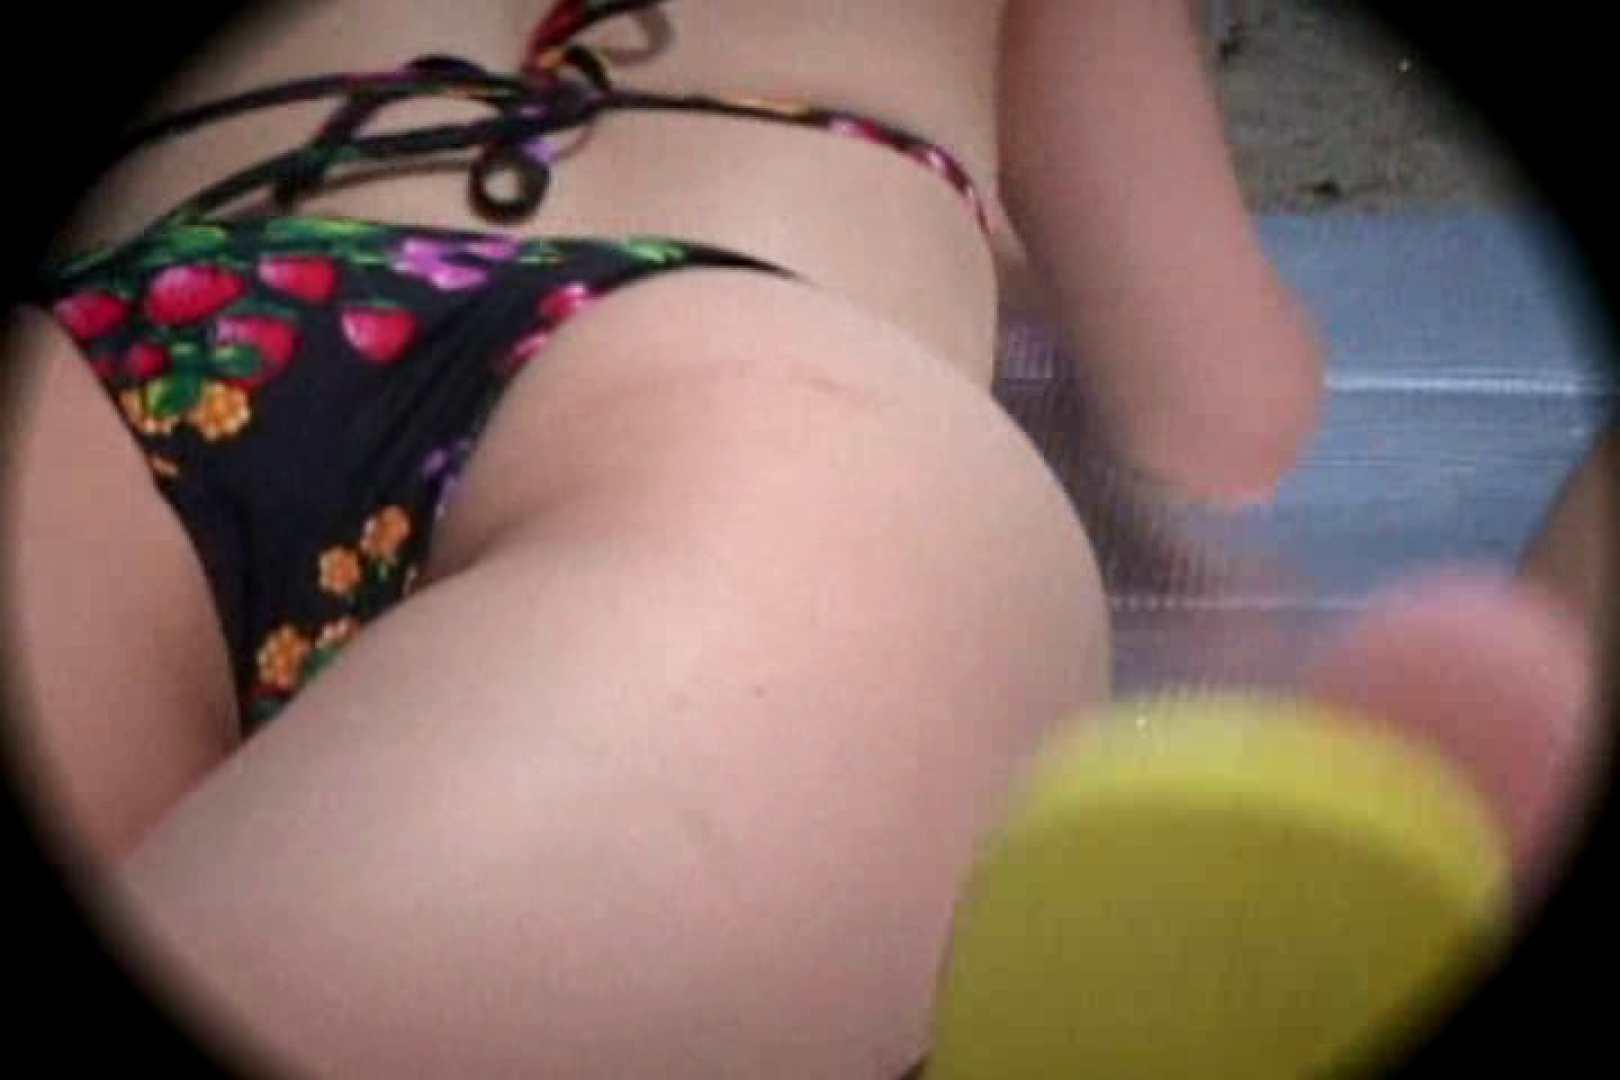 ビーチで発見!!はしゃぎ過ぎポロリギャルVol.3 ハプニング SEX無修正画像 81連発 19